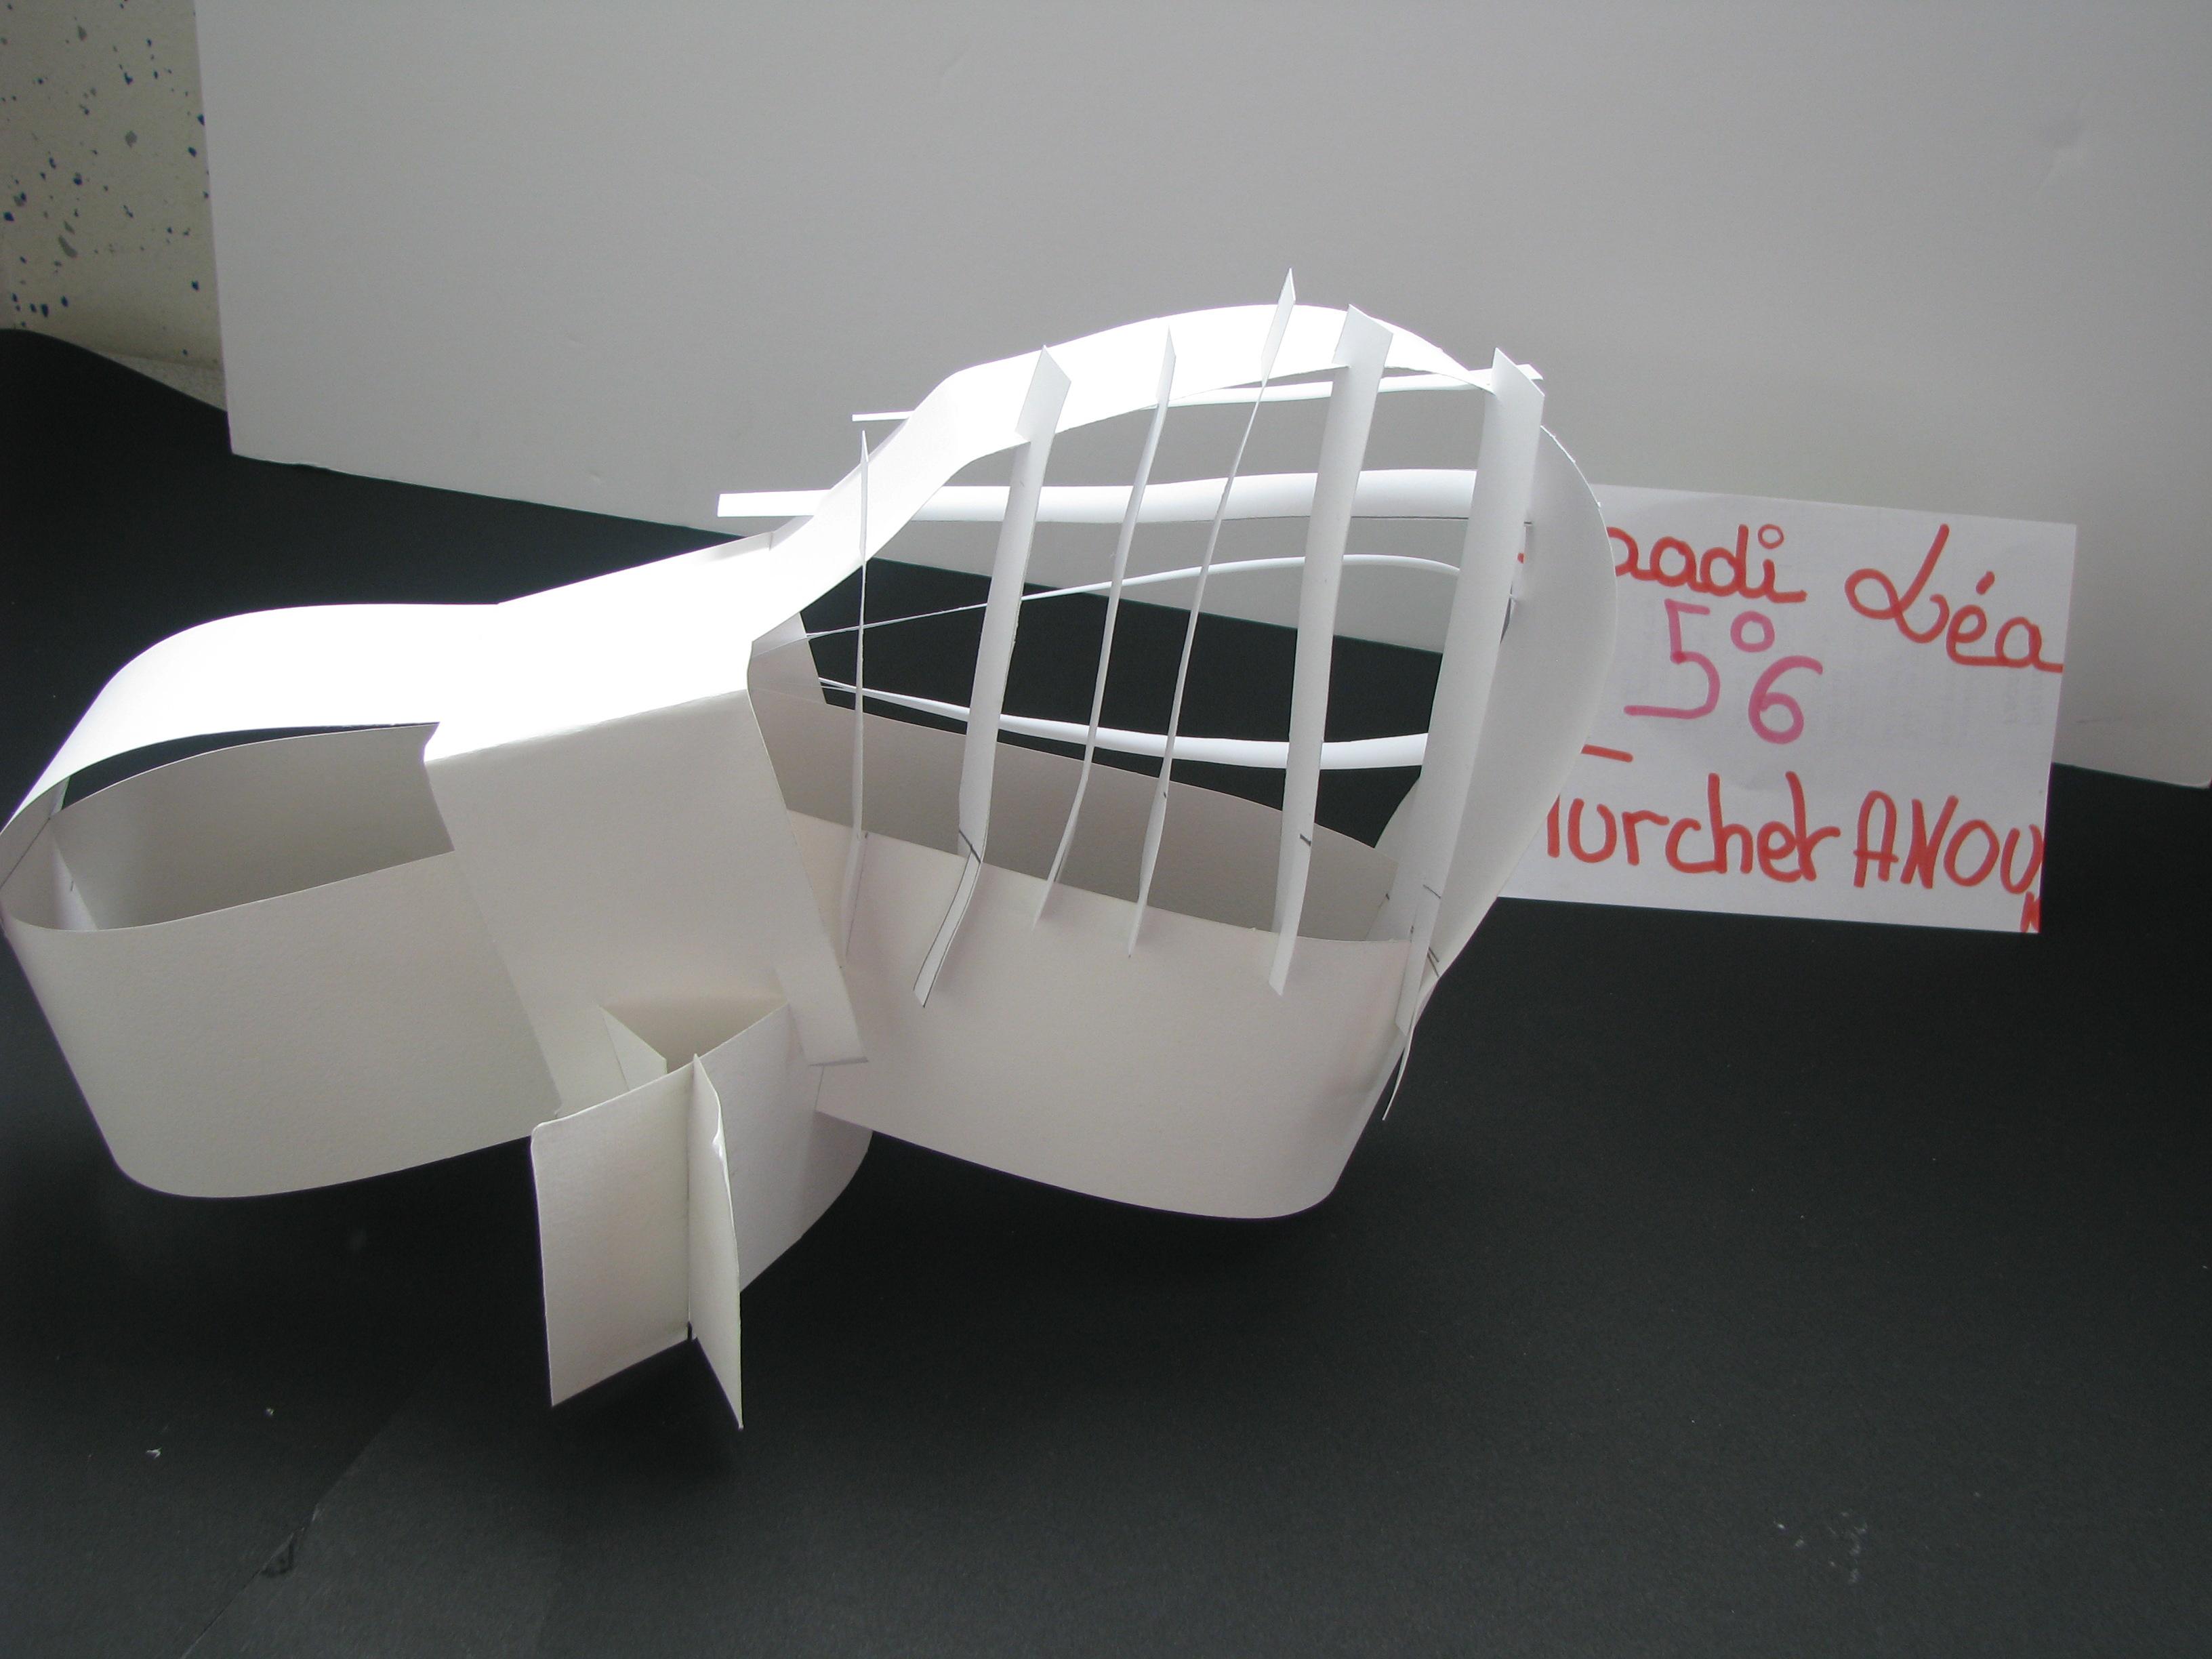 Connu Architecture de papier classe de 5ème - Site du collège Jean  HP94